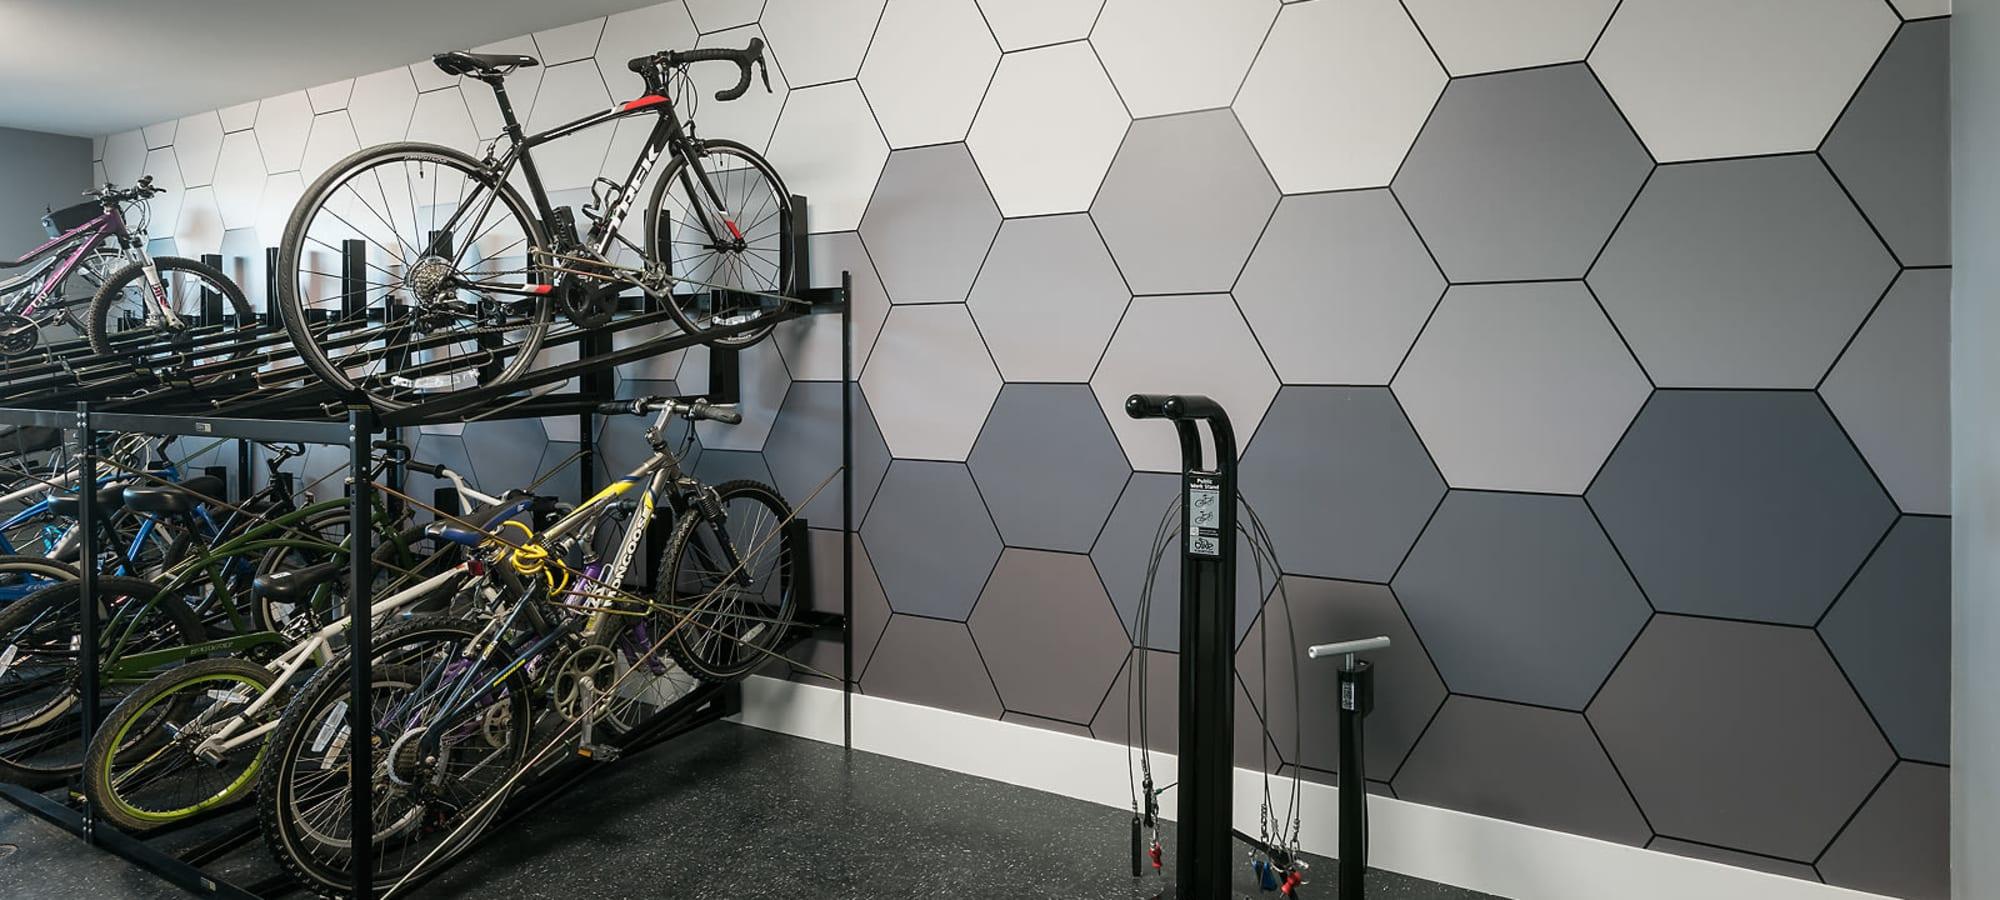 Bike storage at The Halsten at Chauncey Lane in Scottsdale, Arizona